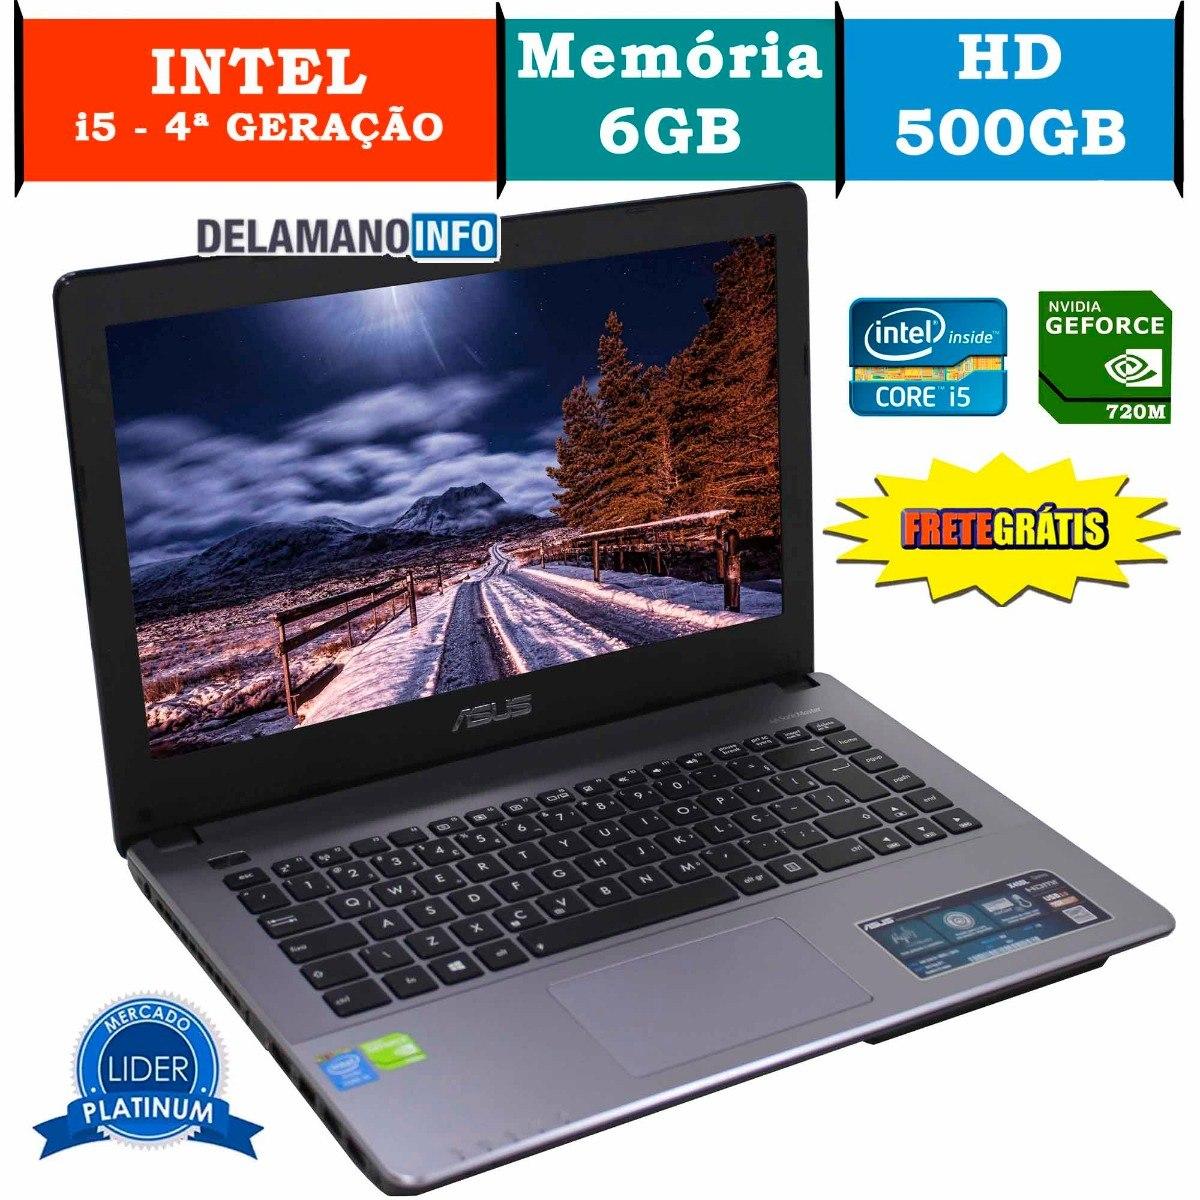 5b505fbd8 notebook asus intel core i5 6gb ram 500gb promoção (11048). Carregando zoom.